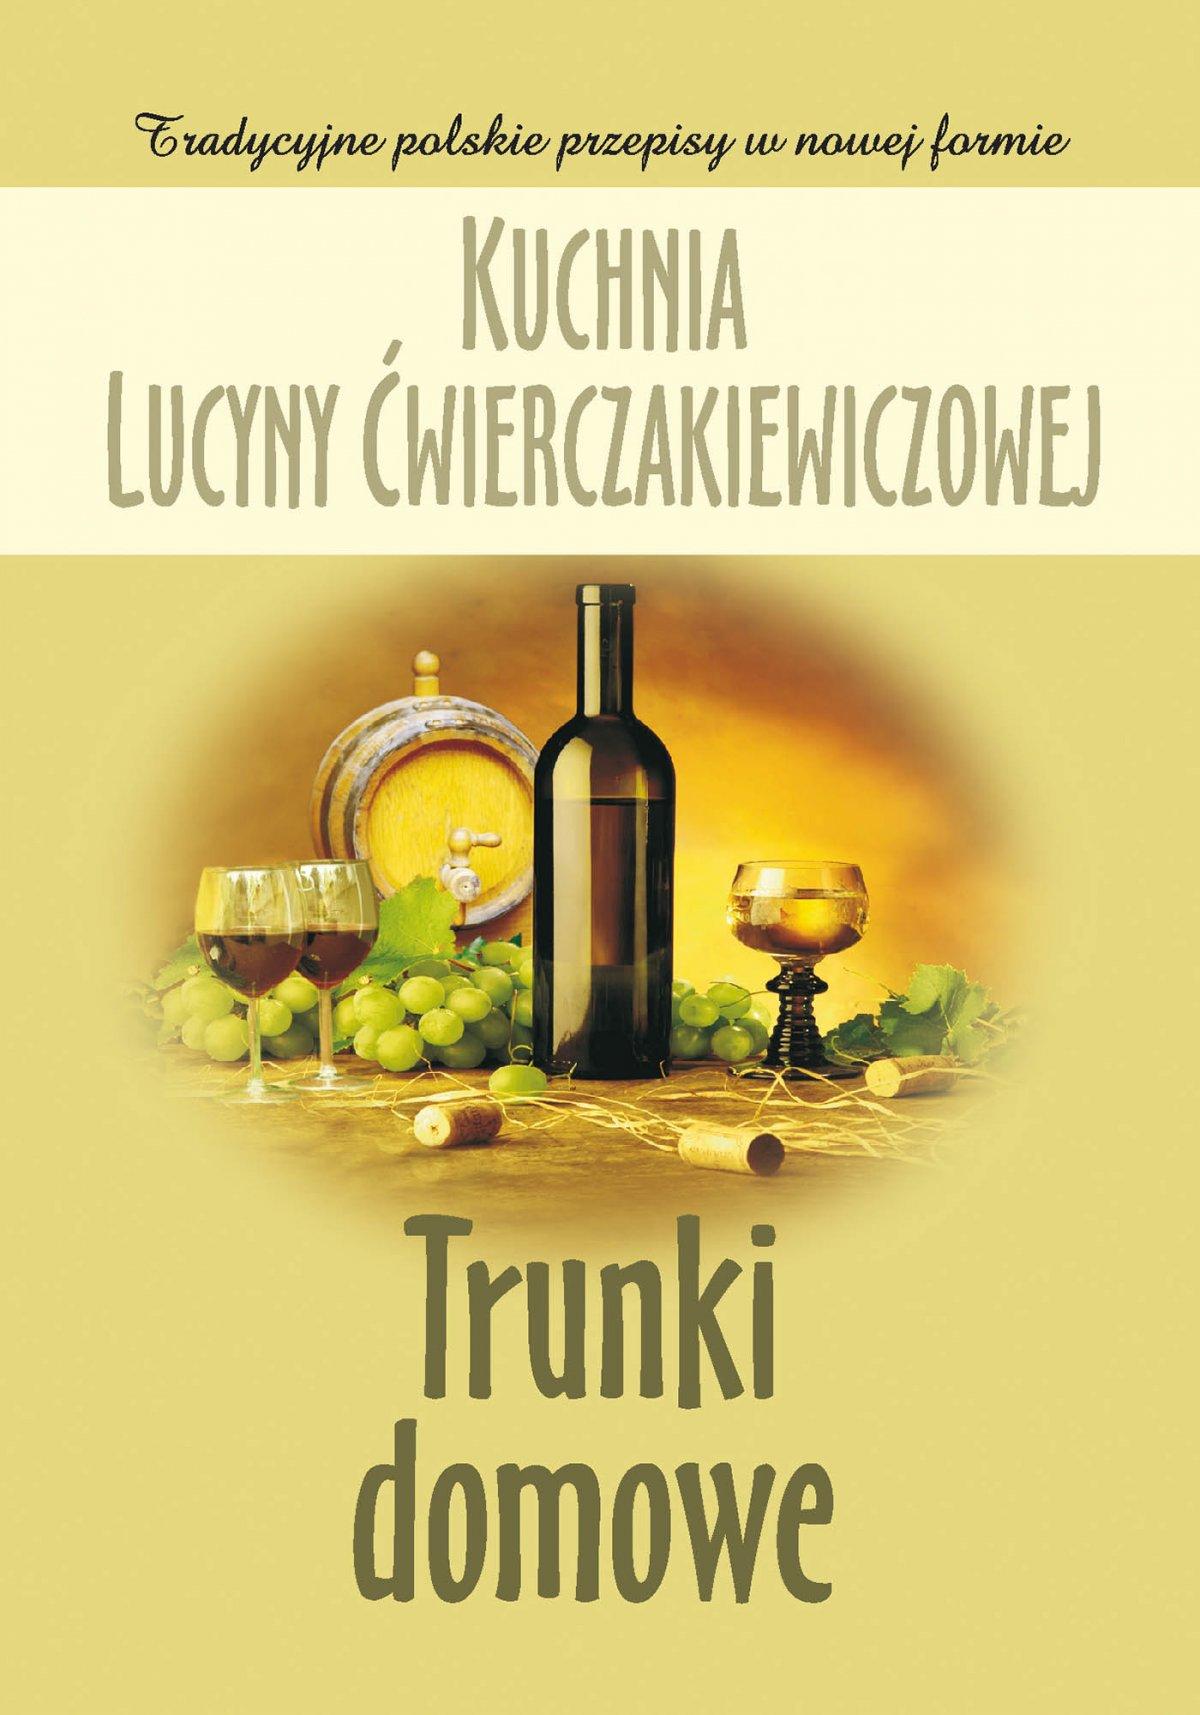 Kuchnia Lucyny Ćwierczakiewiczowej. Trunki domowe - Ebook (Książka EPUB) do pobrania w formacie EPUB